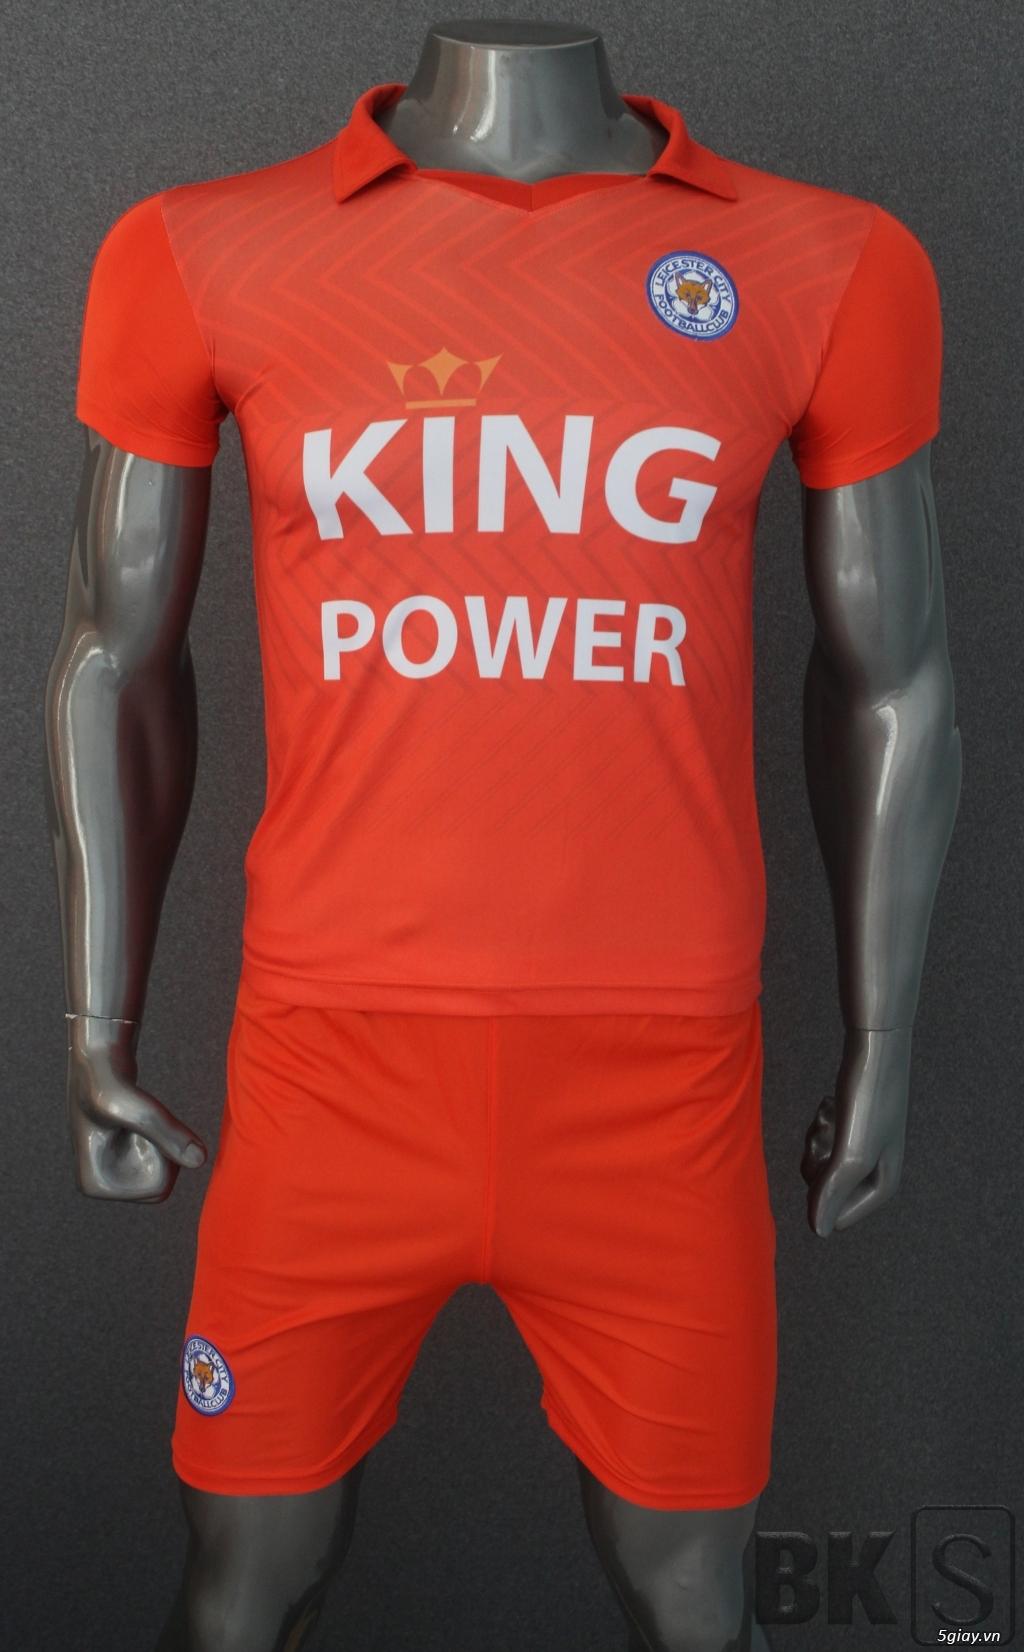 Áo bóng đá HP-địa chỉ gốc sản xuất trang phục thể thao số 1 Việt Nam - 10